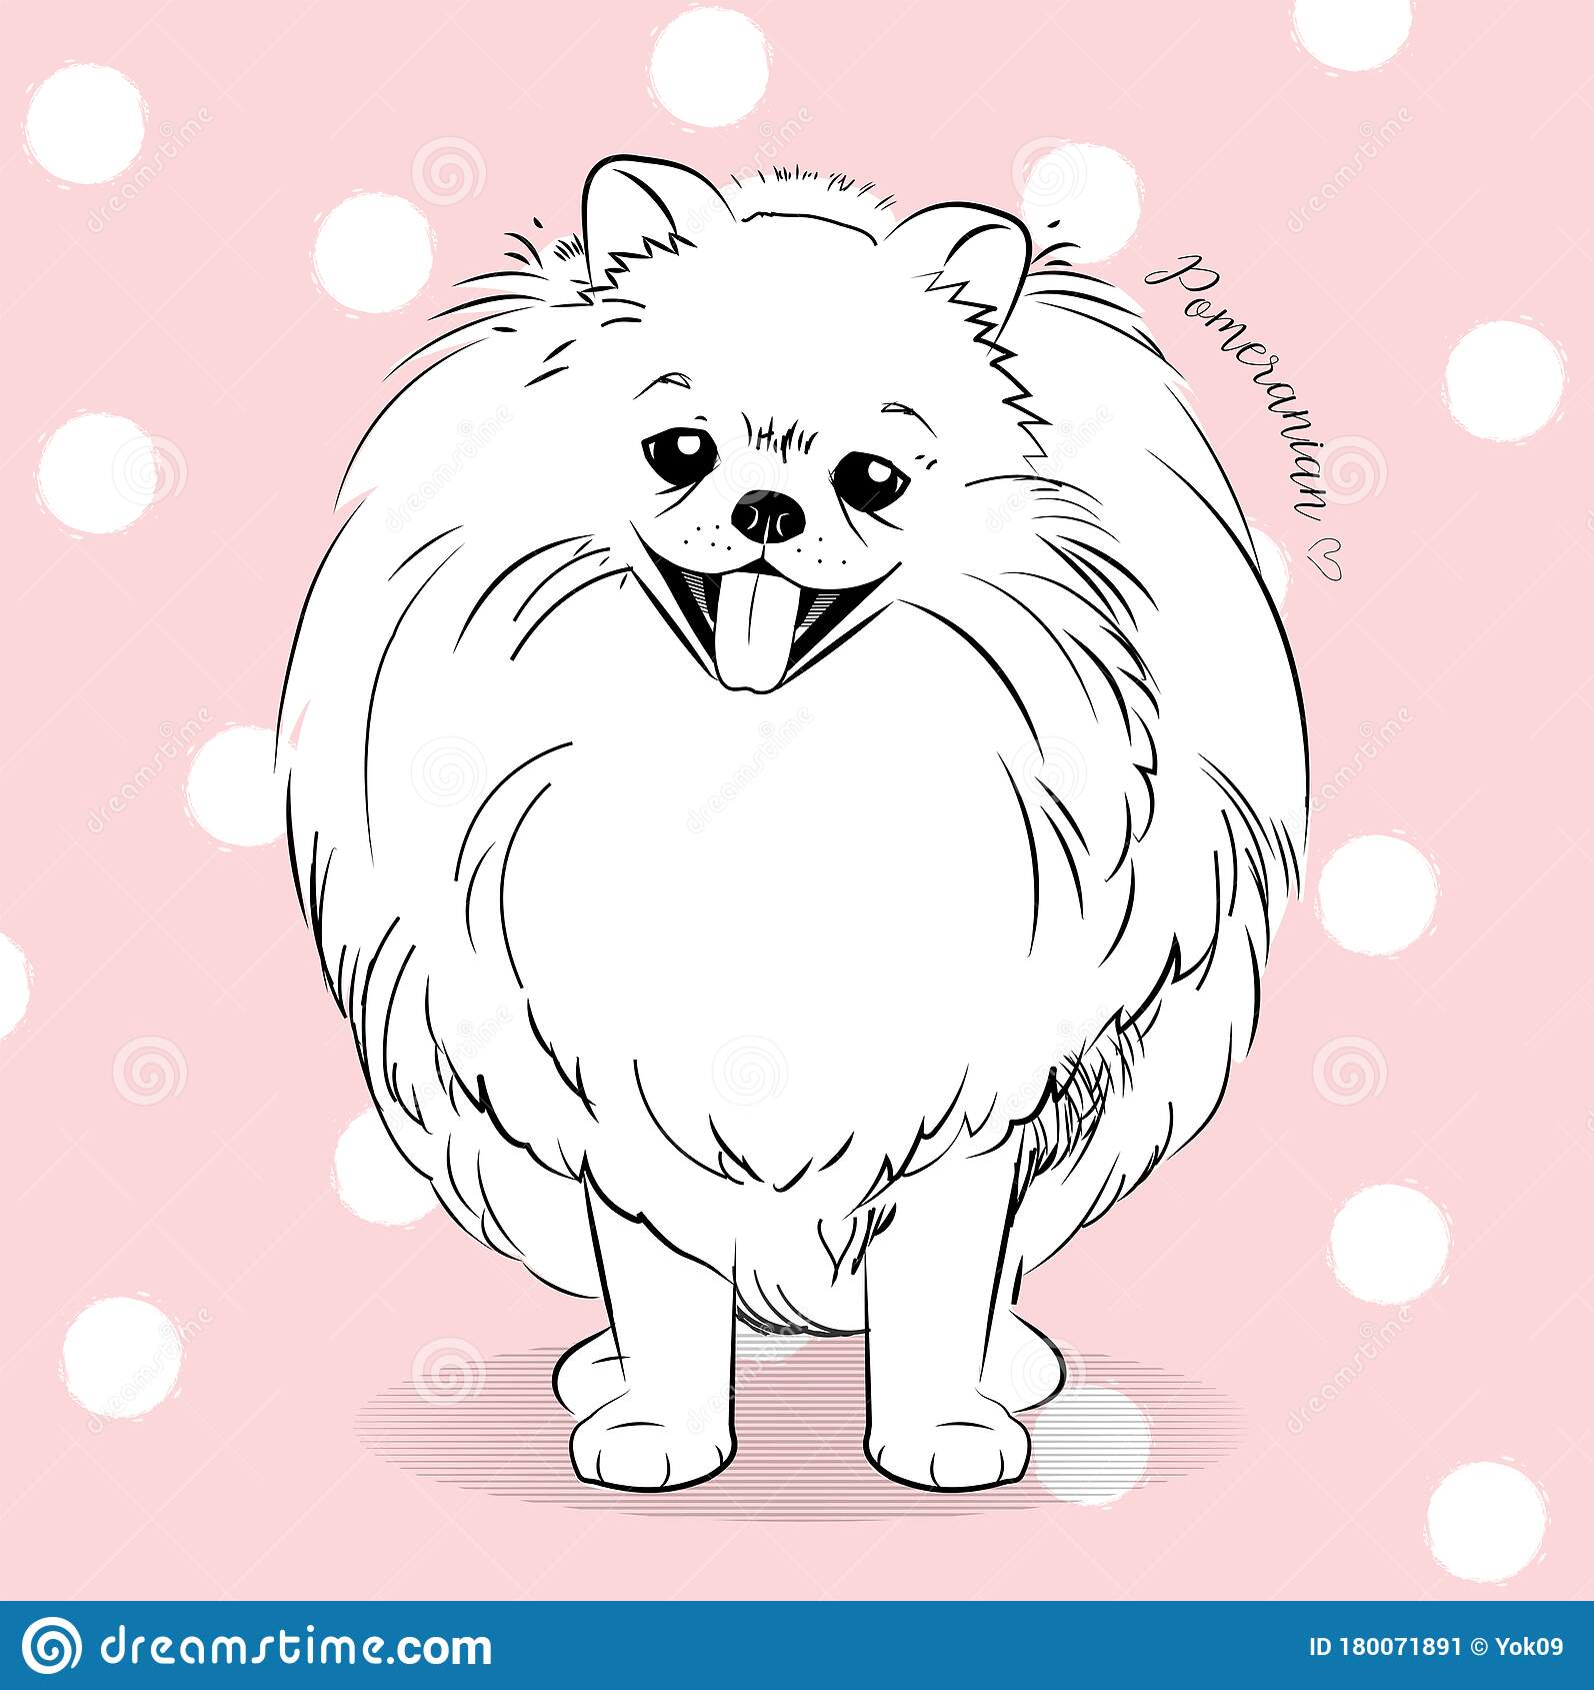 Pomeranian Cartoon Stock Illustrations 842 Pomeranian Cartoon Stock Illustrations Vectors Clipart Dreamstime